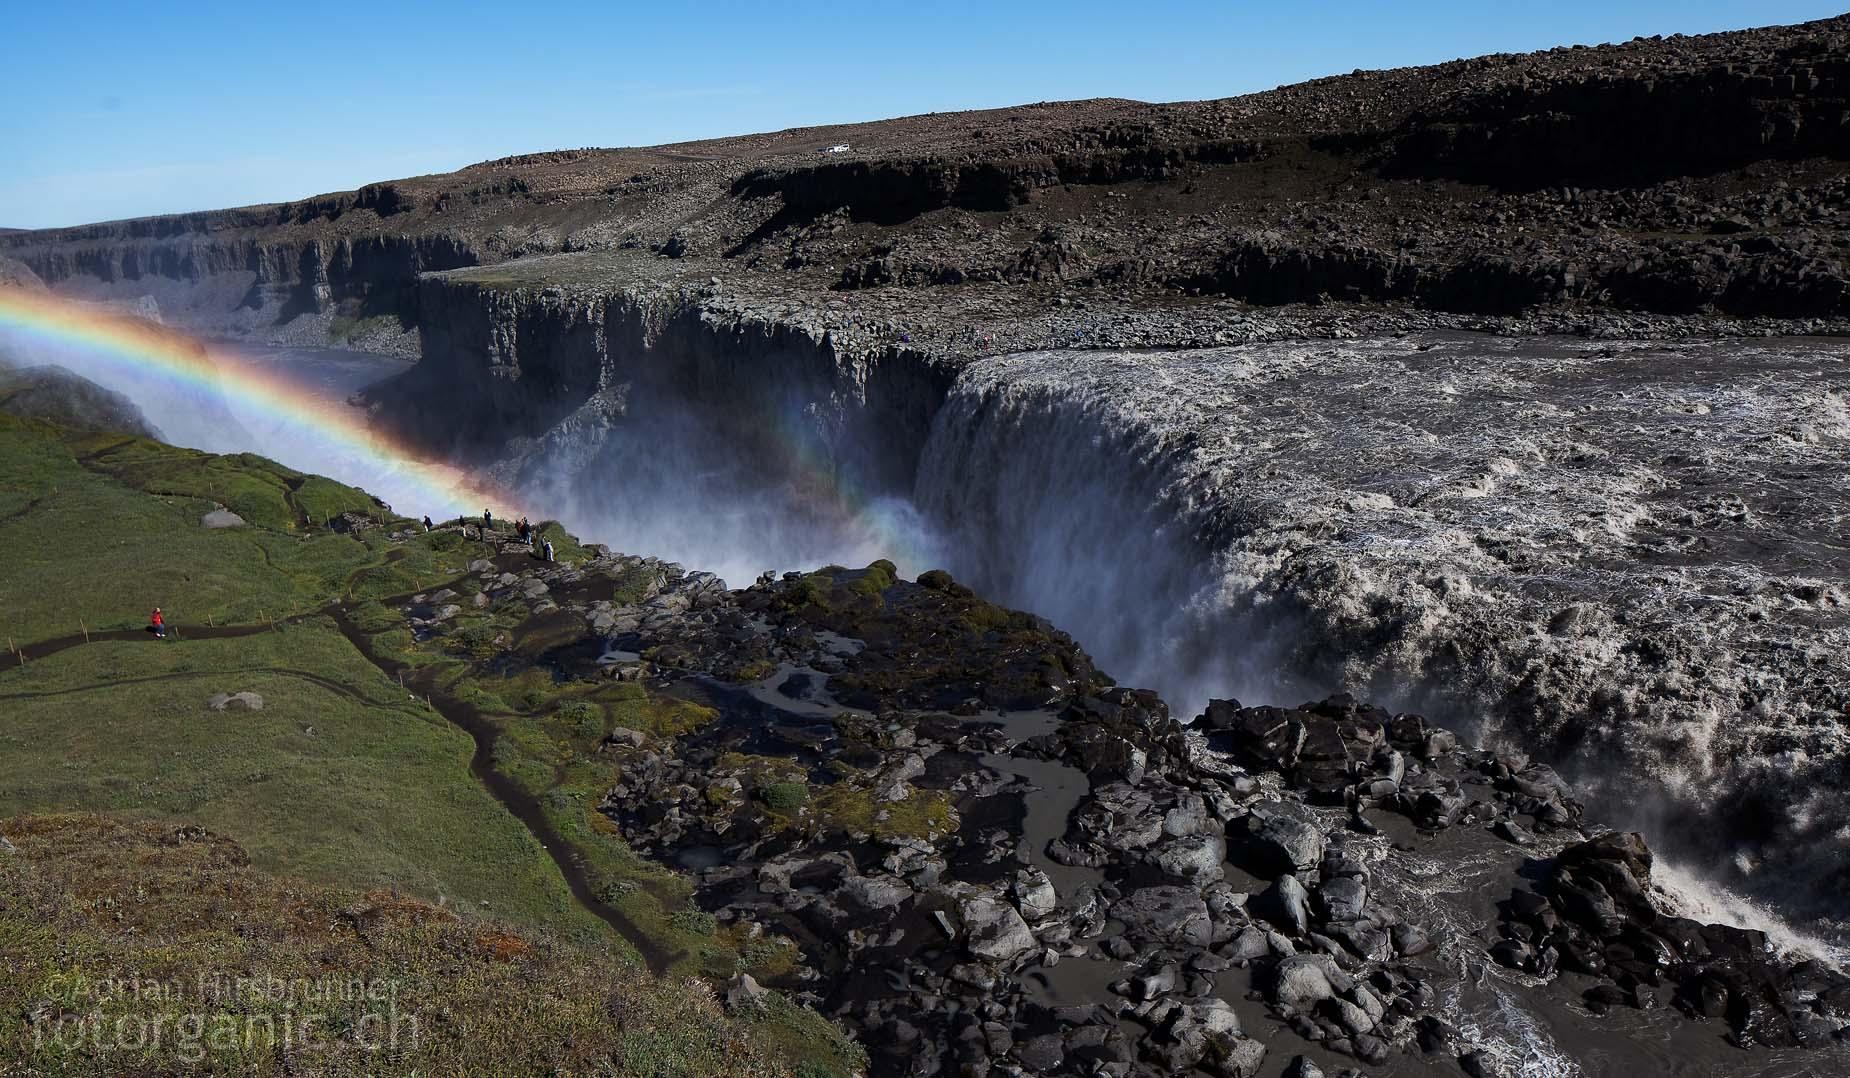 Donnernder Wasserfall in der Basaltwüste. Der Dettifoss befindet sich in einer kargen und urtümlichen Landschaft.